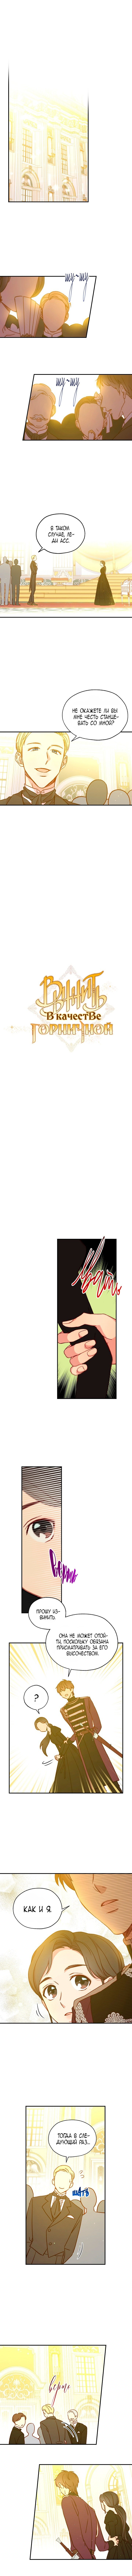 Манга Выжить в качестве горничной - Глава 17 Страница 1